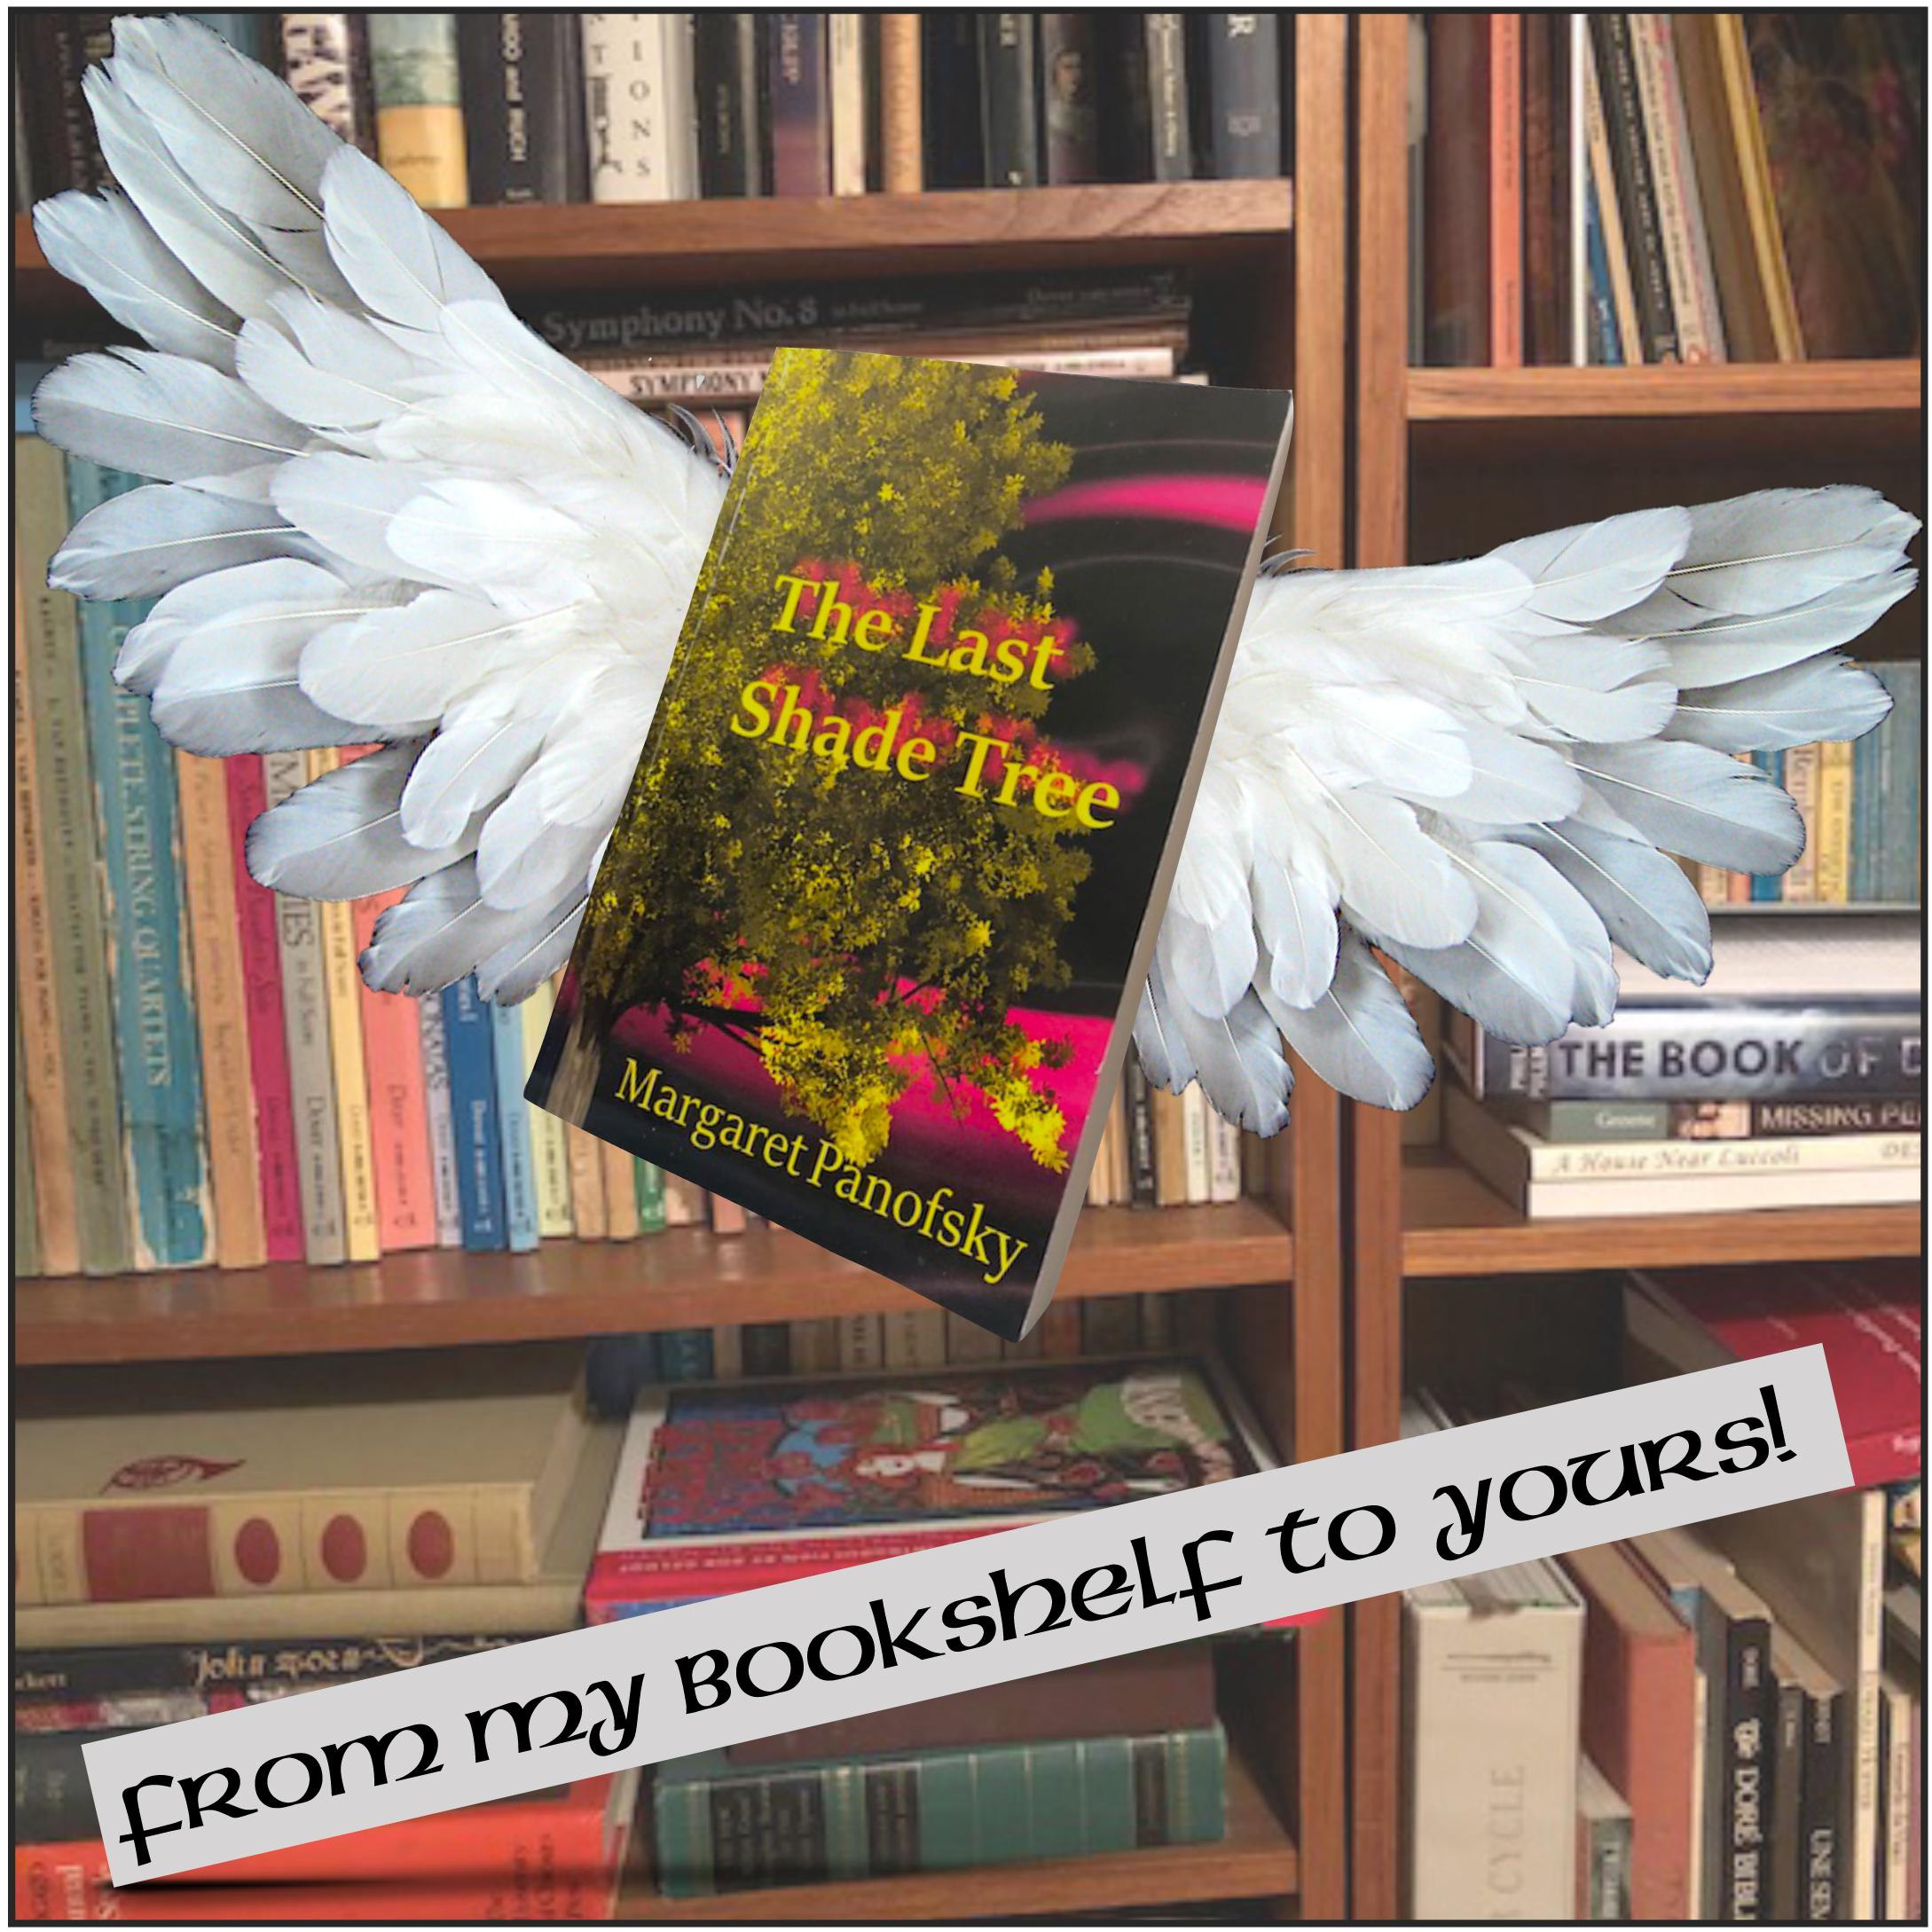 23 meme image flying book.jpg